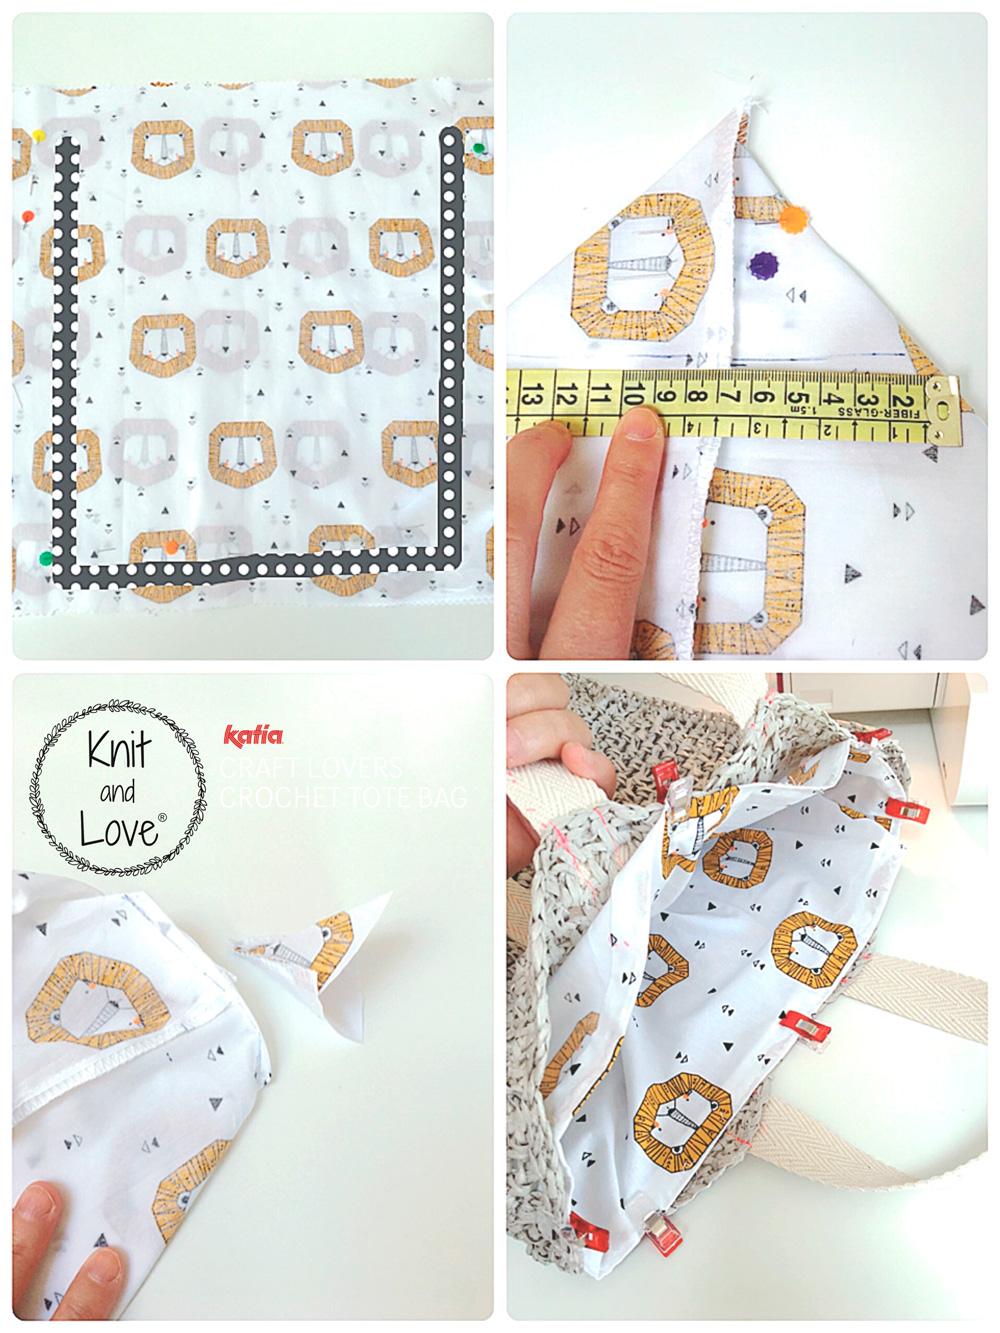 Raphia handtas haken - gratis haakpatroon door Knit and Love - voering toevoegen aan de binnenkant